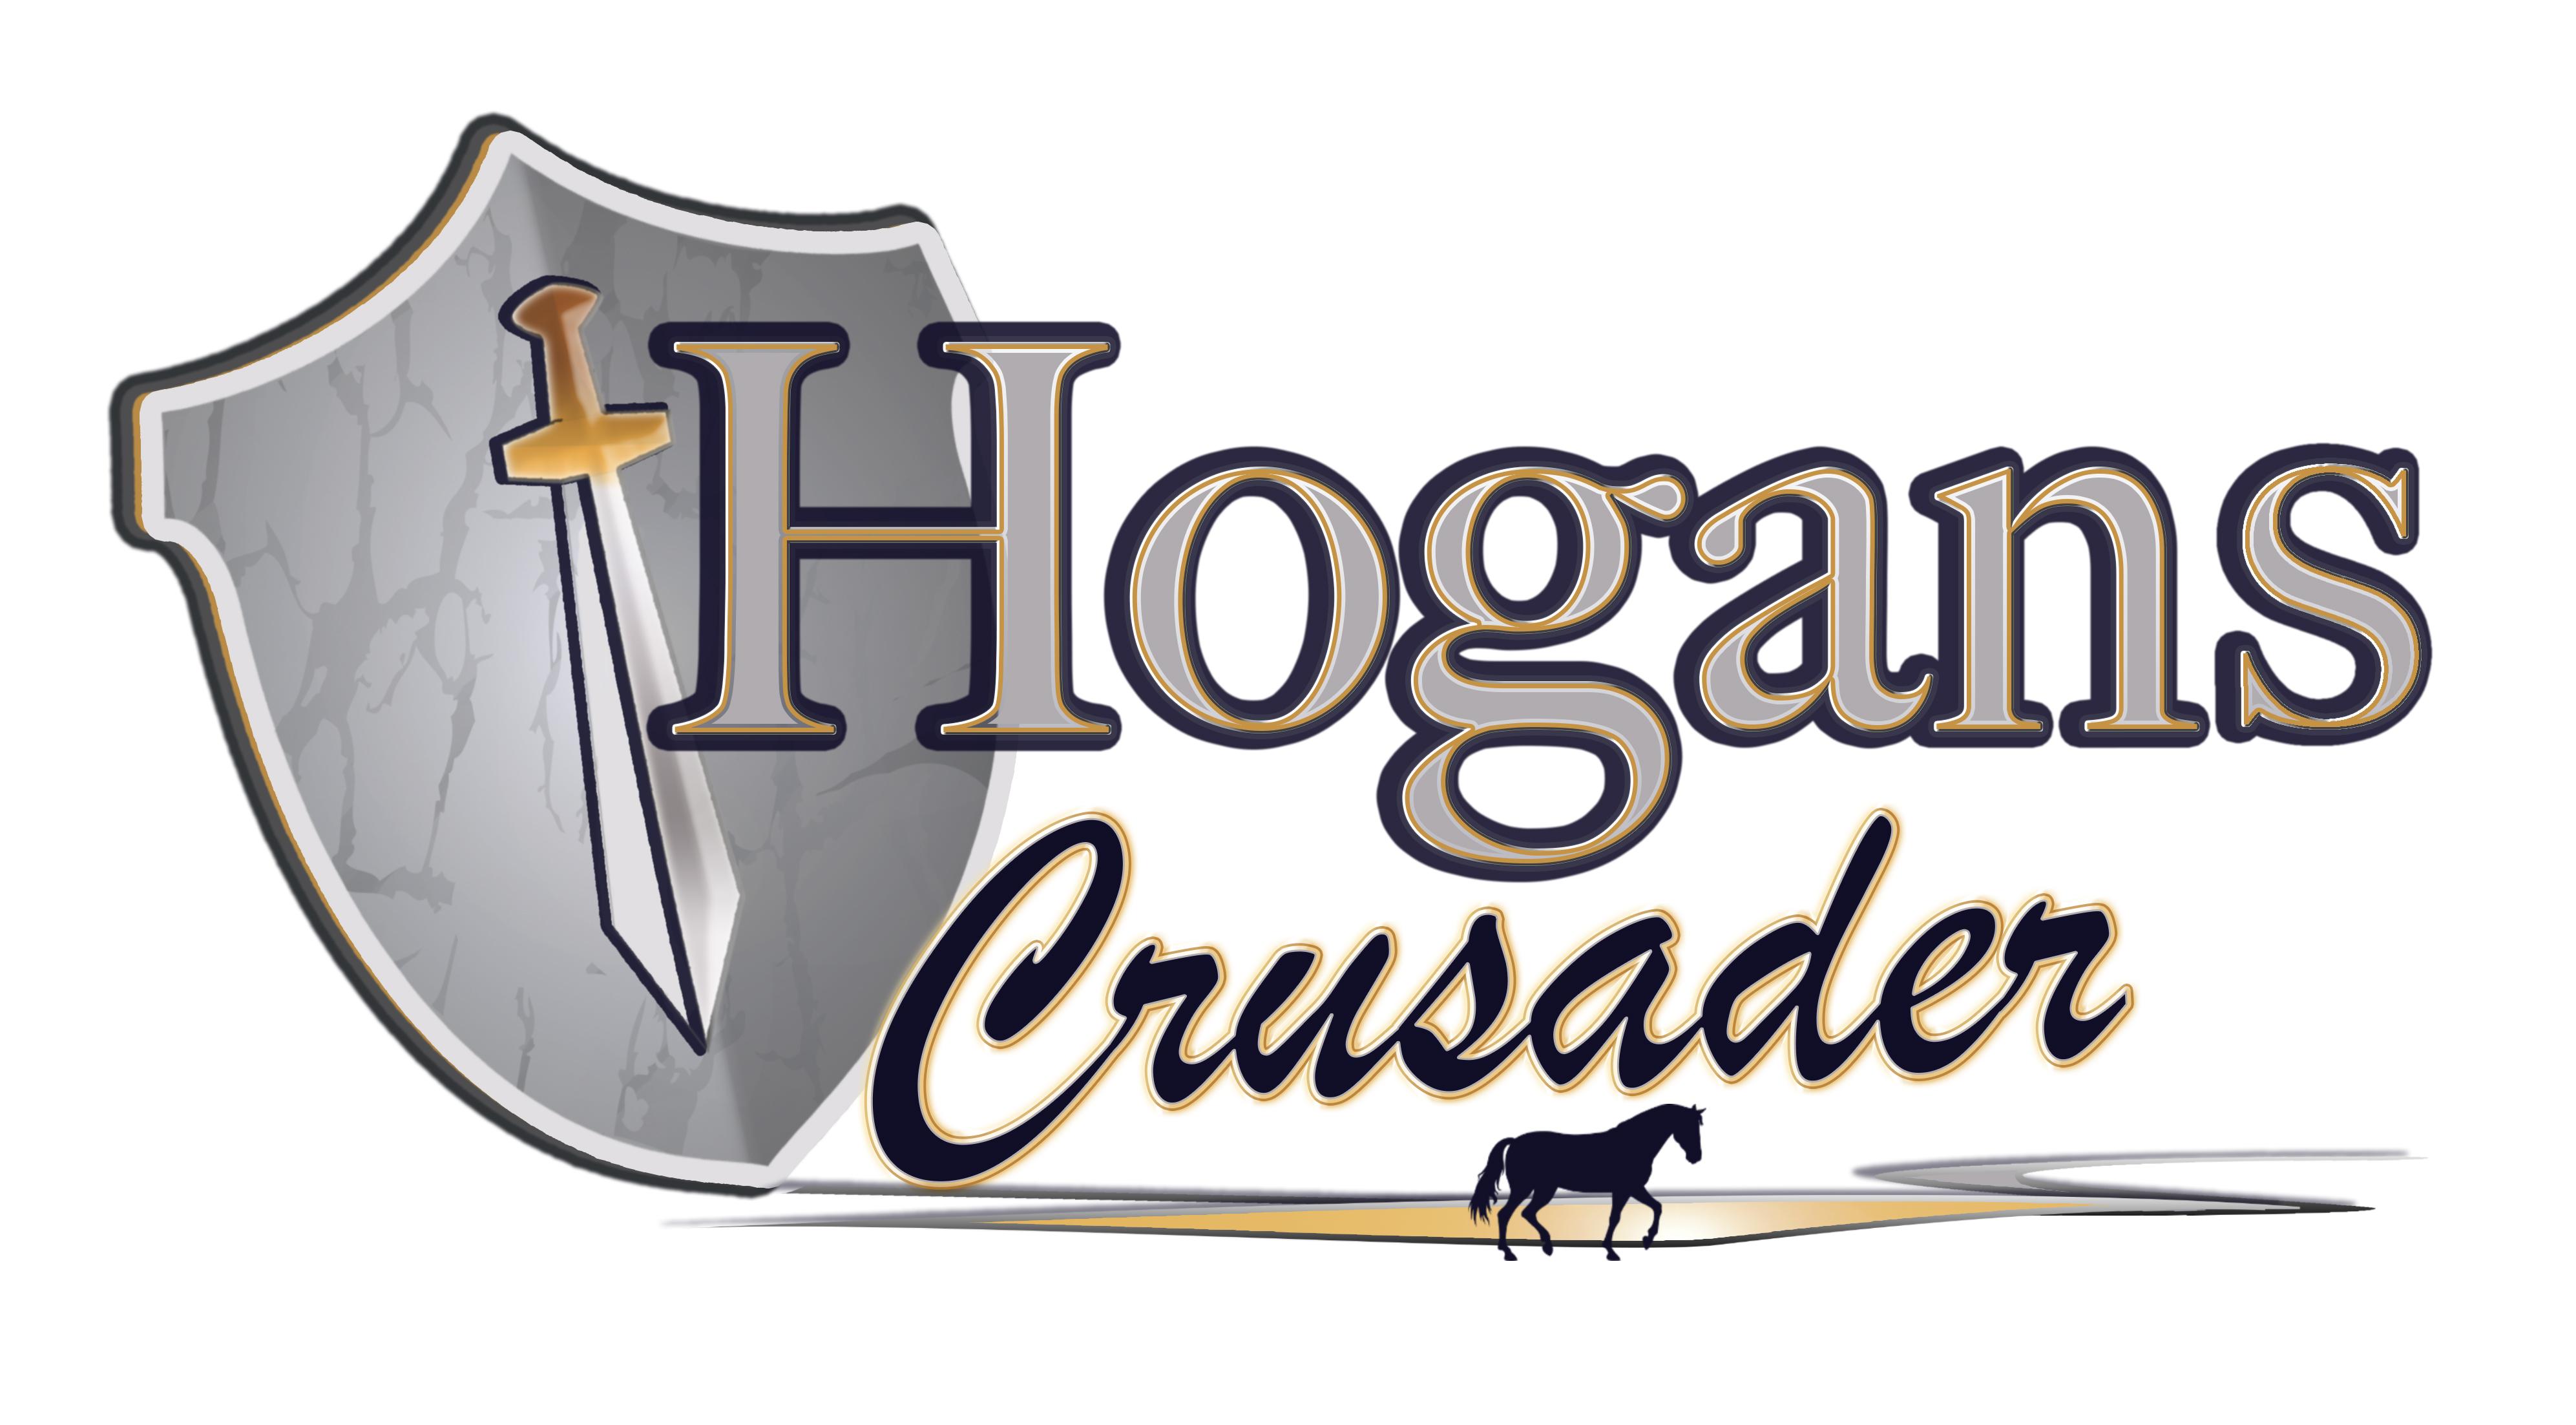 Hogans Final